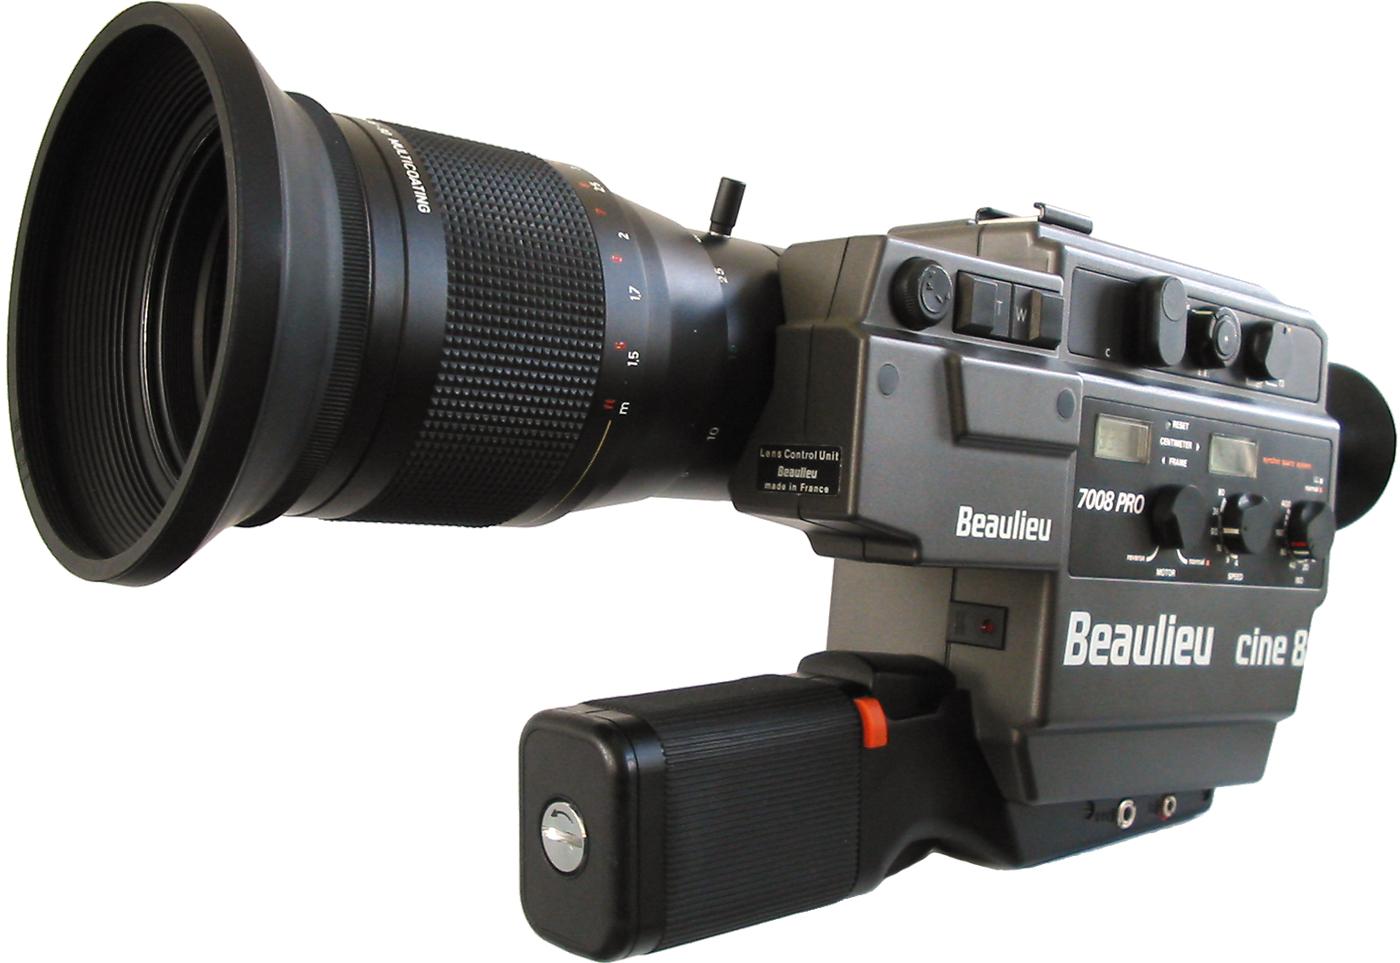 beaulieu 7008 pro